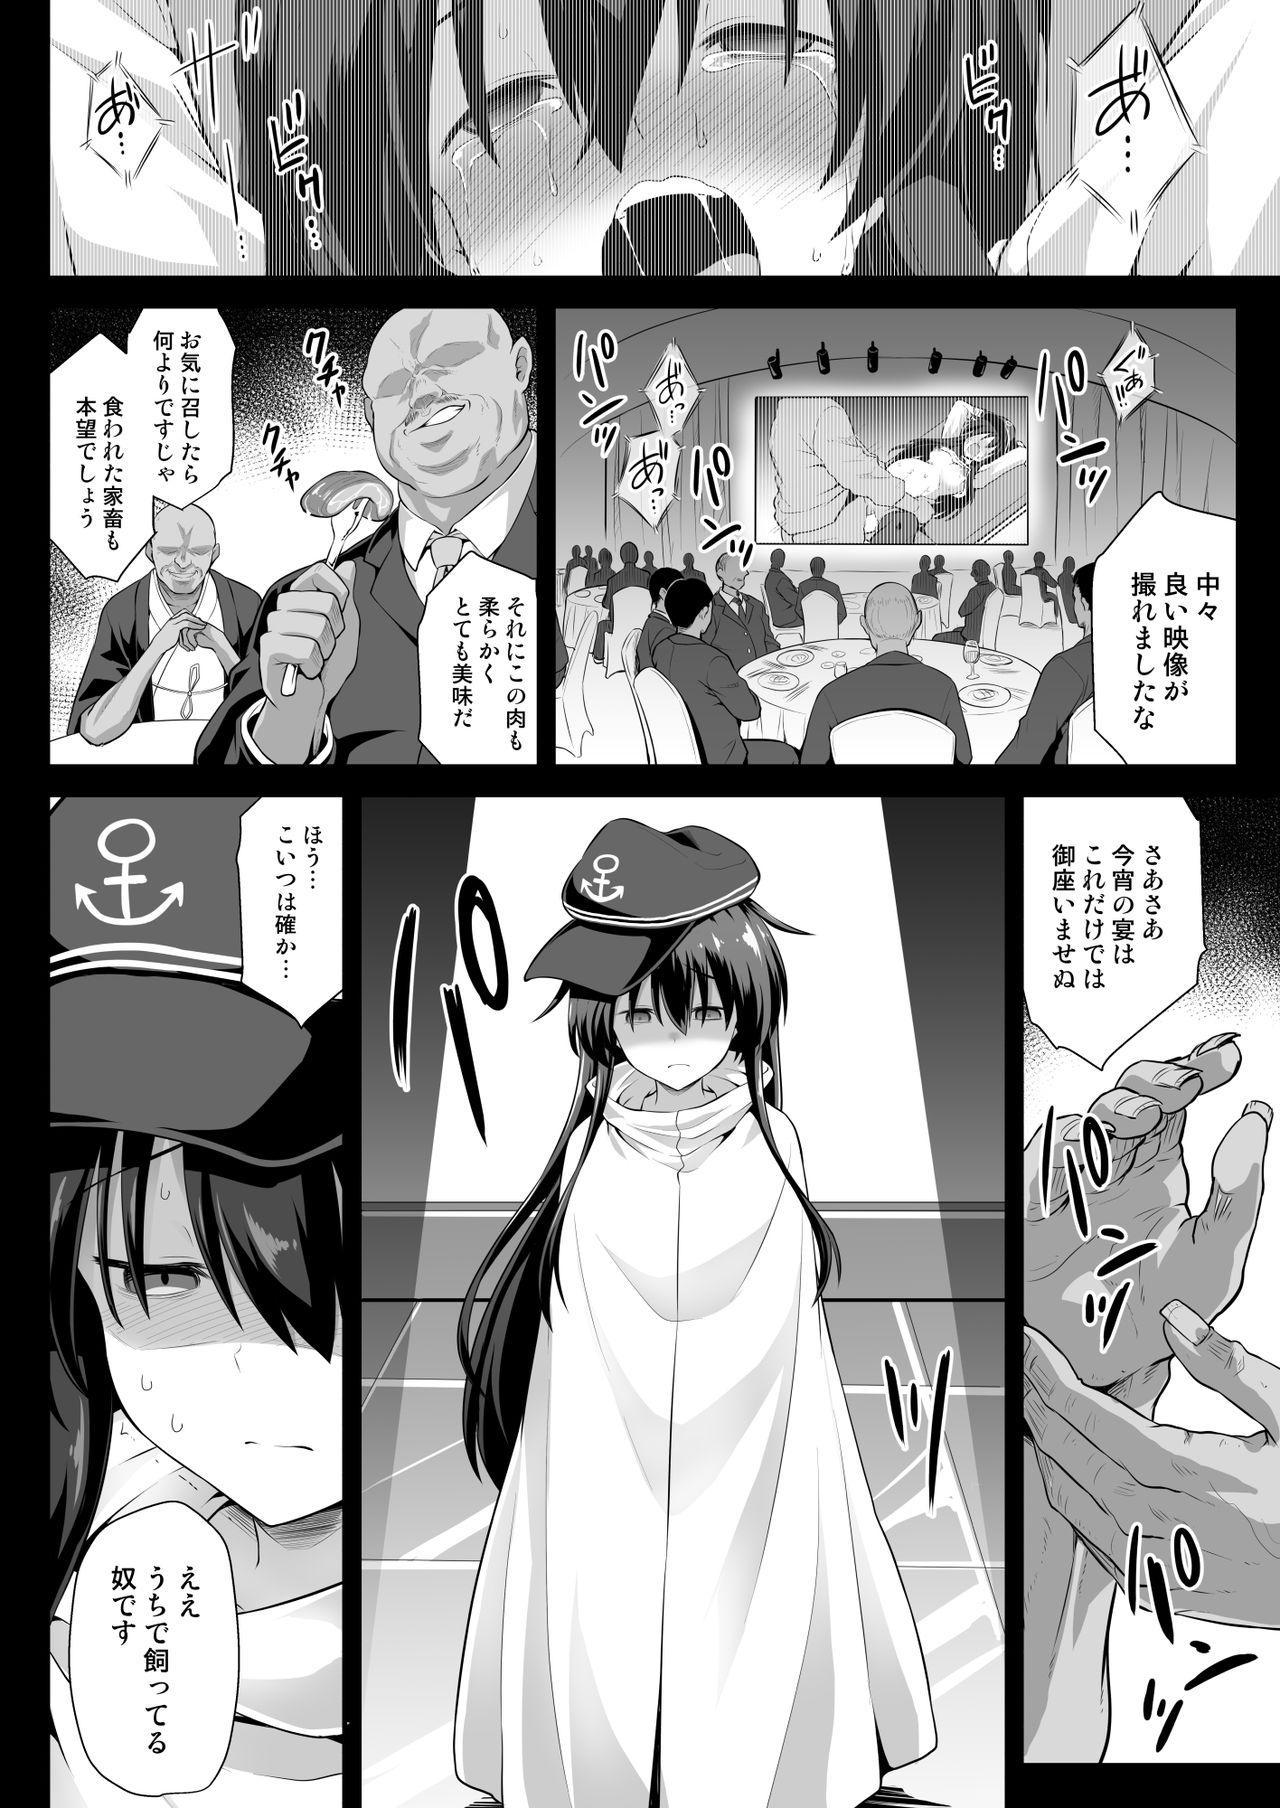 Kanmusu Chakunin Eizoku Ninshin Dorei Akatsuki 15